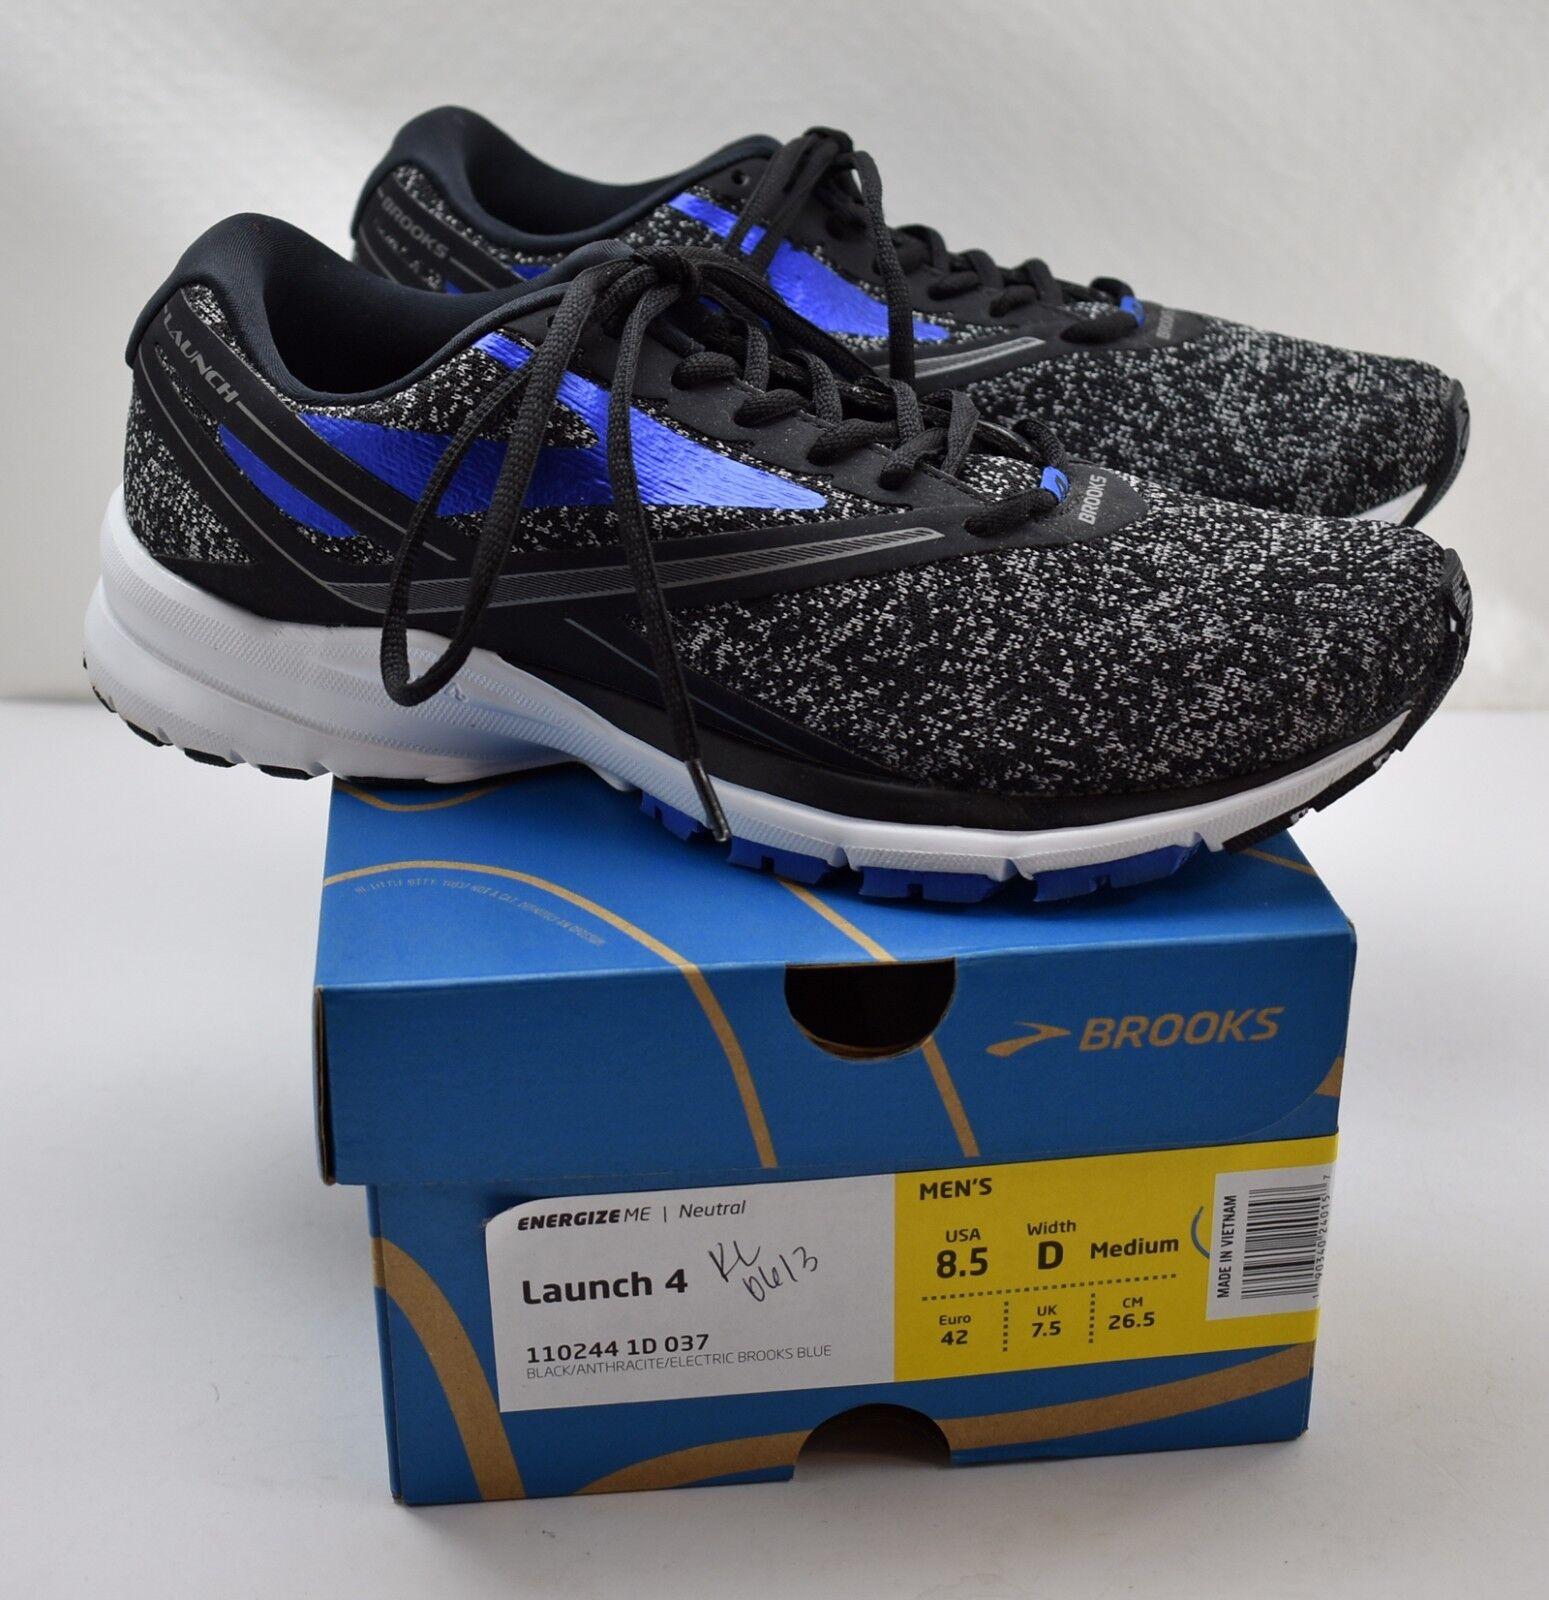 Brooks Launch 4 Zapatos Para Correr Negro Antracita Azul eléctrico-Para Hombre 8.5 D 42 UE